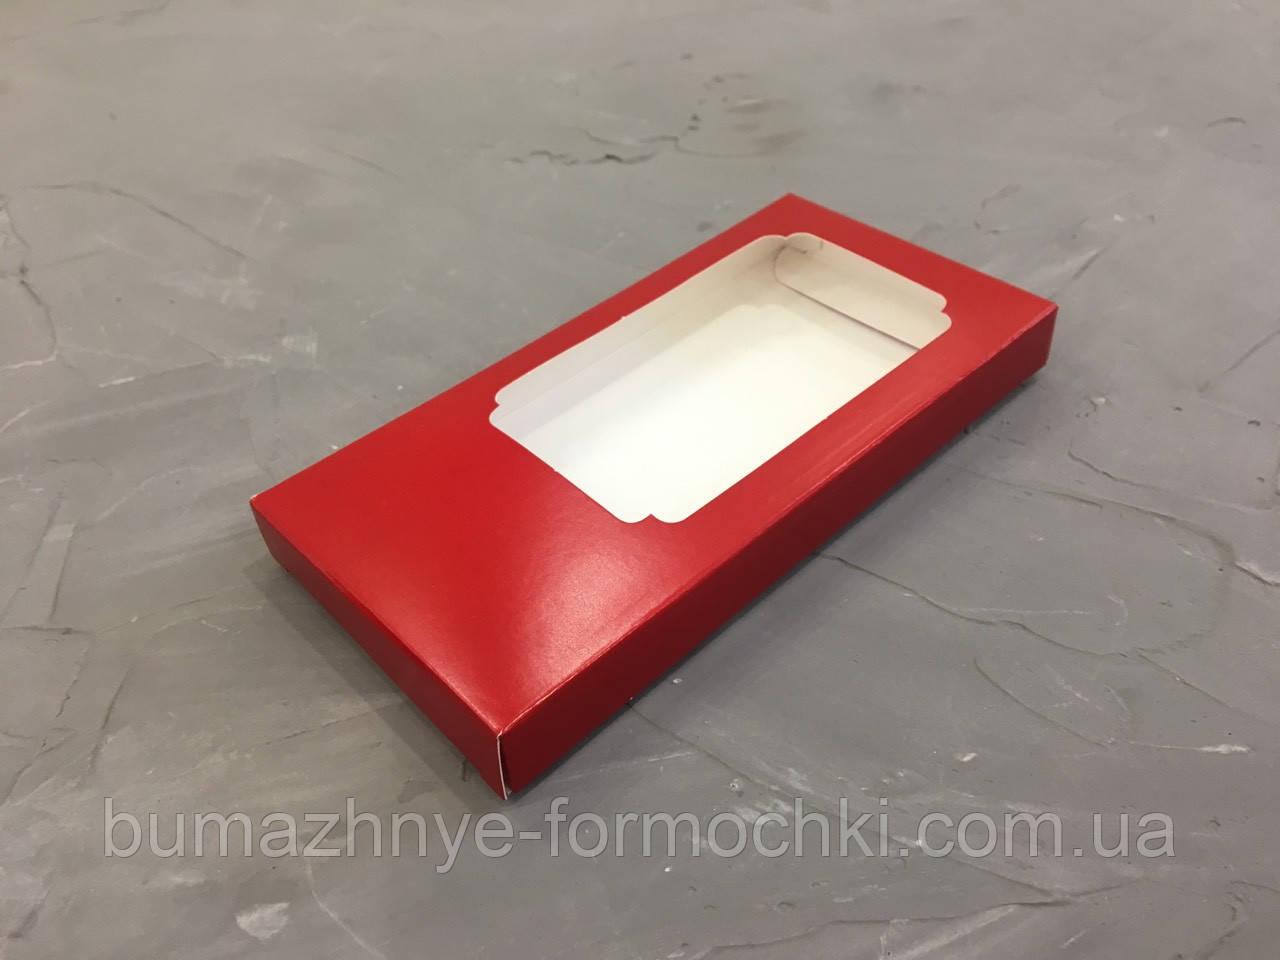 Коробка для шоколада,красная, 160*80*17